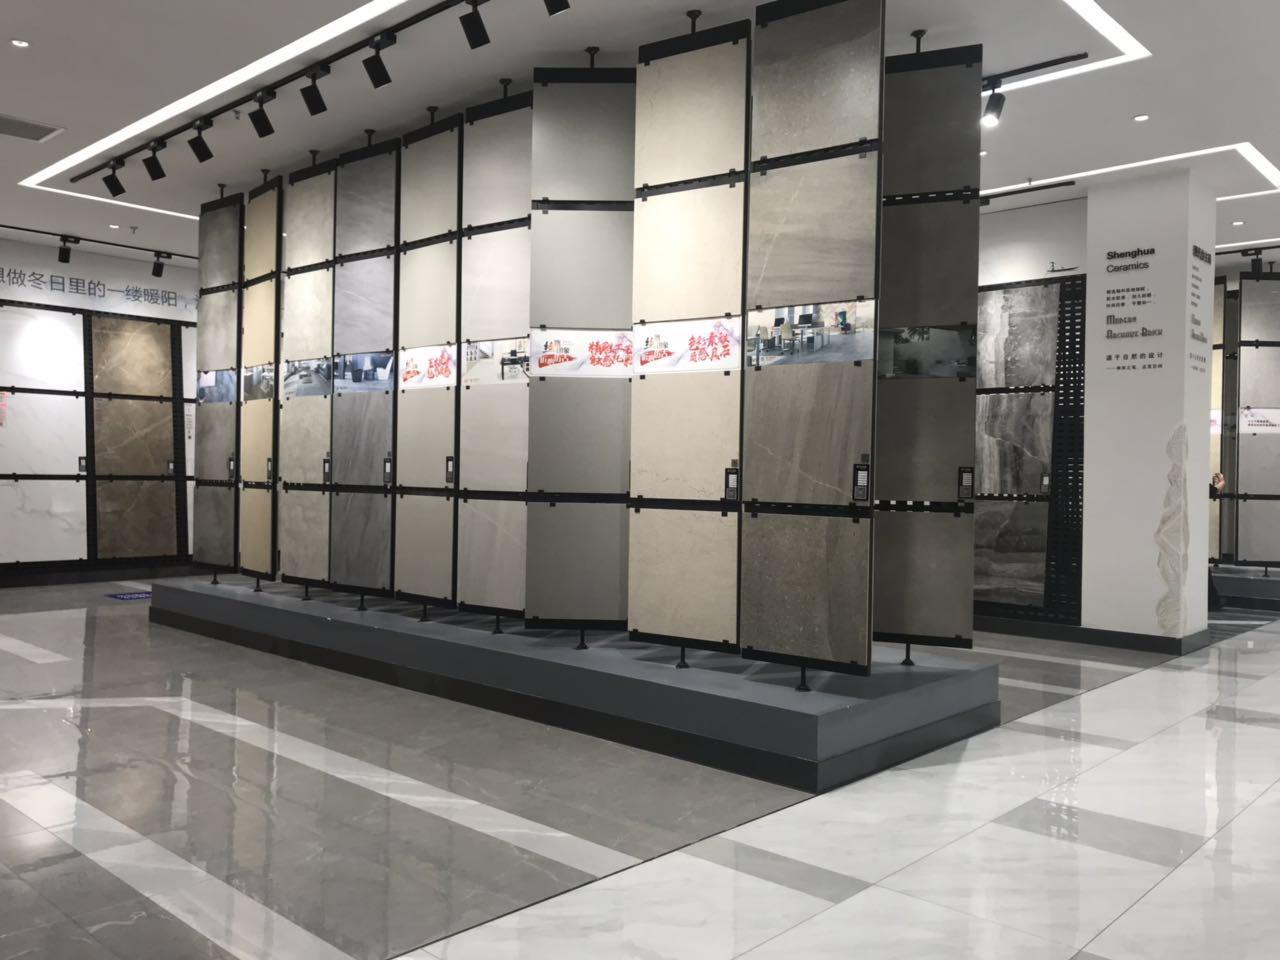 仿古木纹砖规格_升华陶瓷IP,今日份亮点- 中国陶瓷网行业资讯